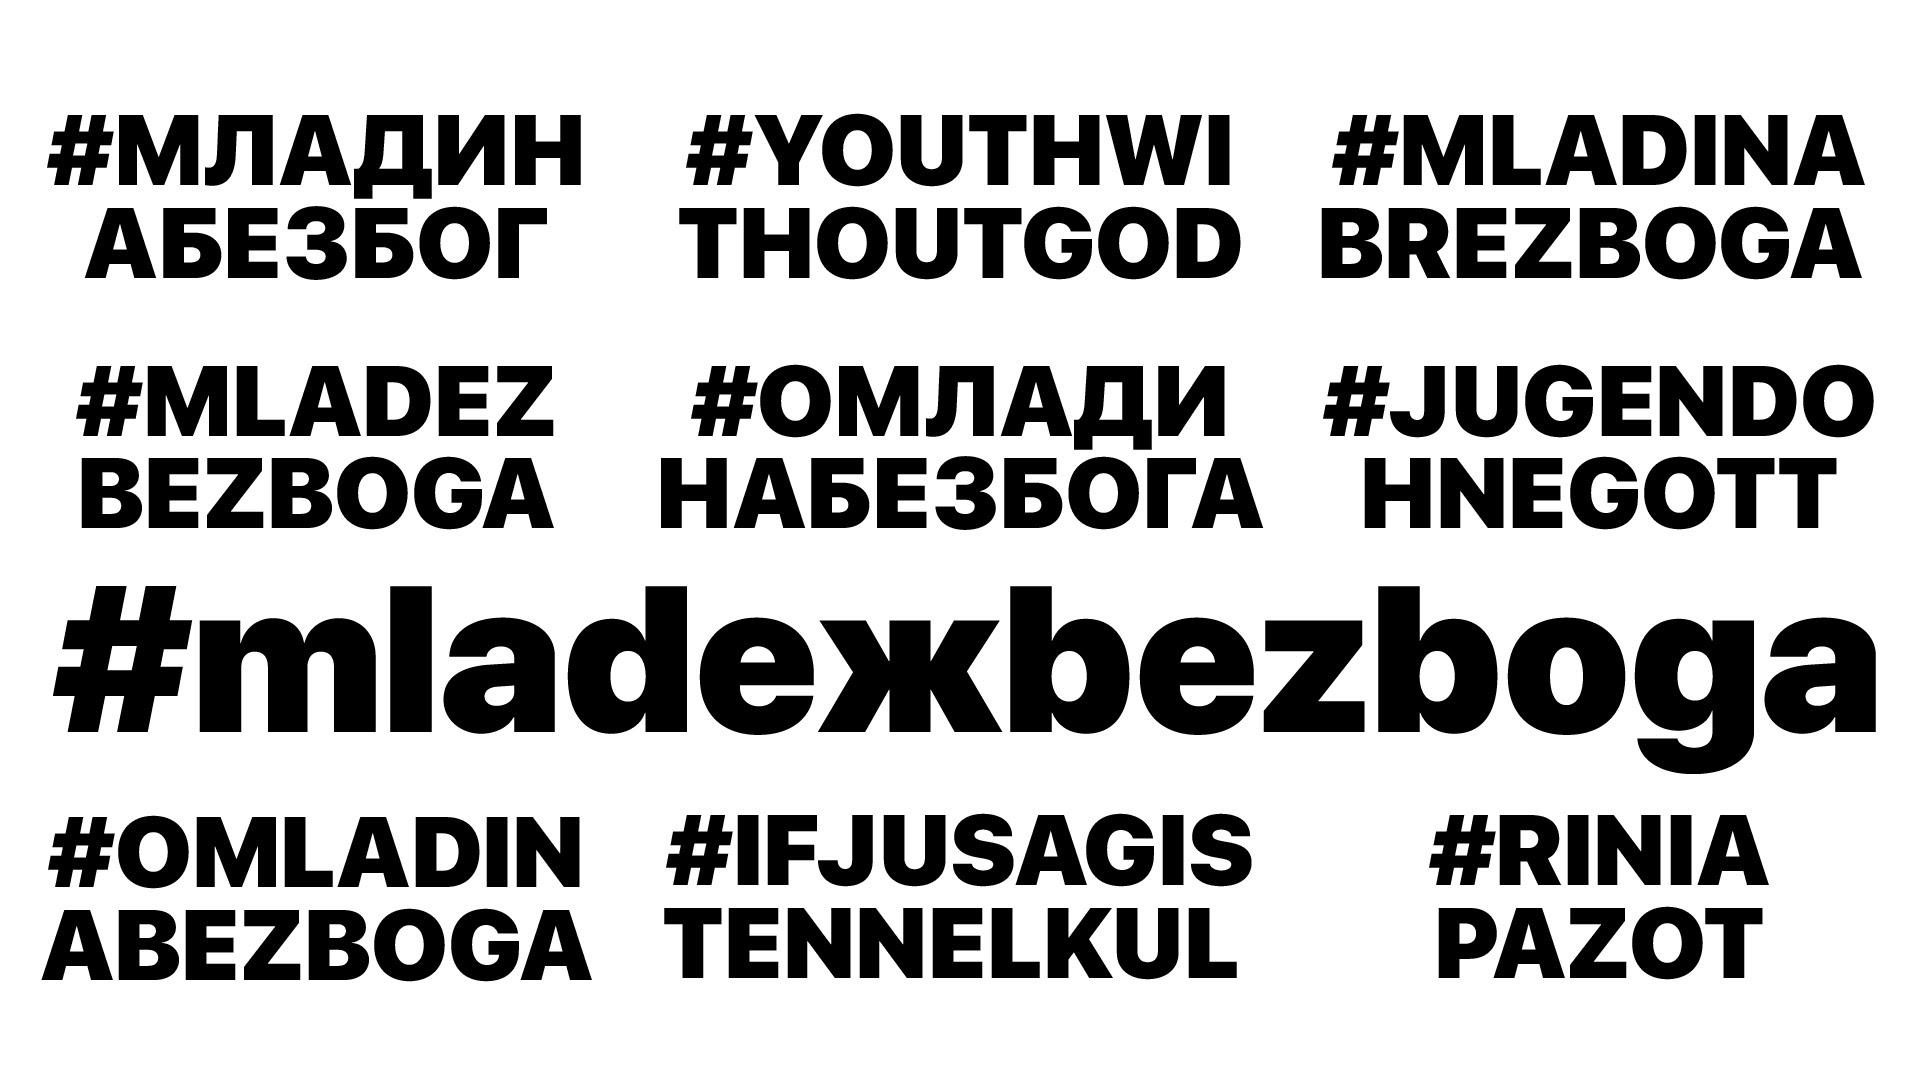 Glazbenici, prijavite svoju skladbu i postanite dio kulturnog projekta #mladezbezboga